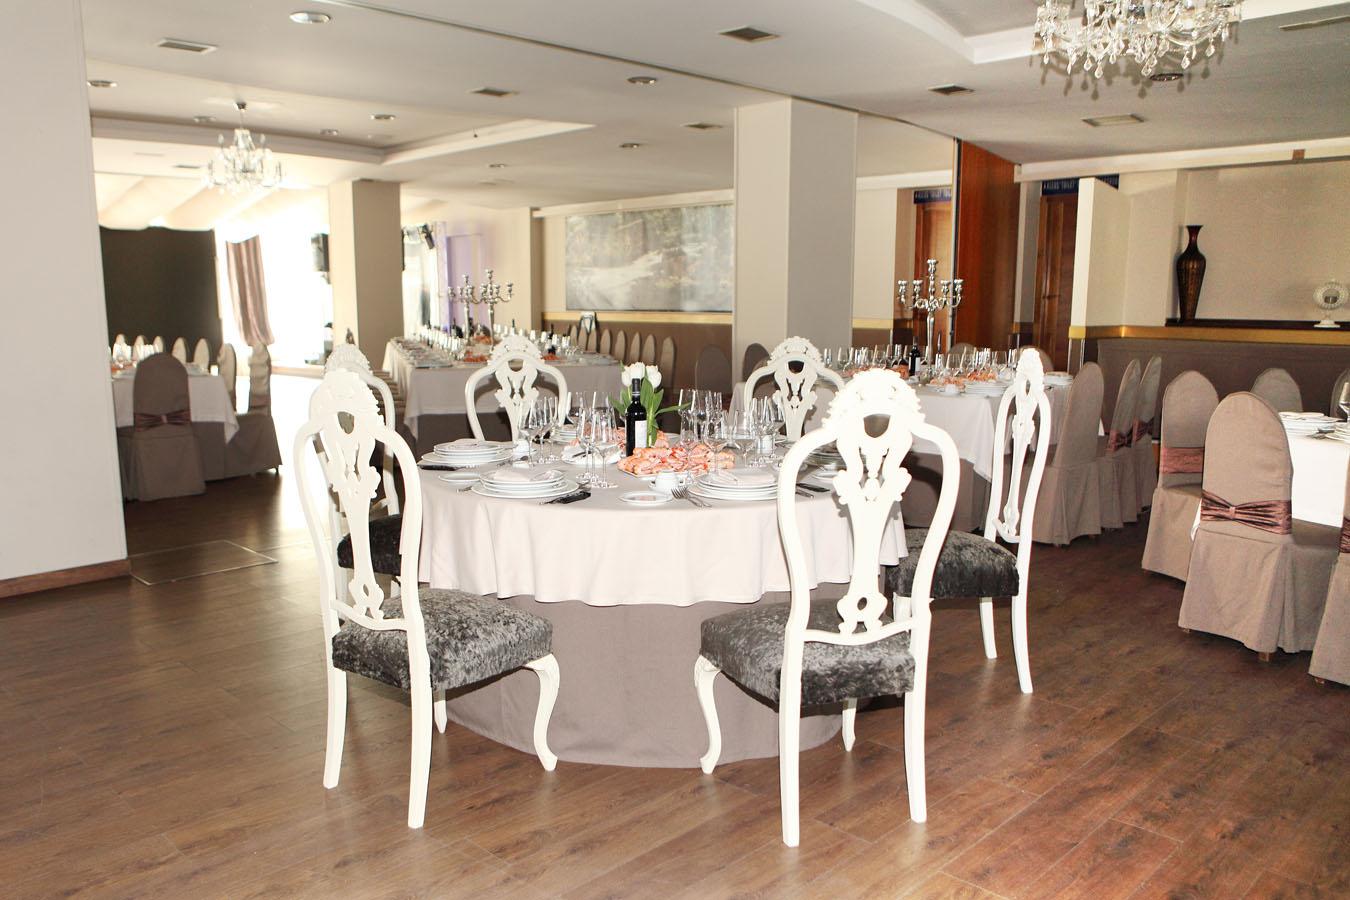 enlace-boda-bertamirans-carballo-marcos-y-rocio-banquete-punta-del-este021